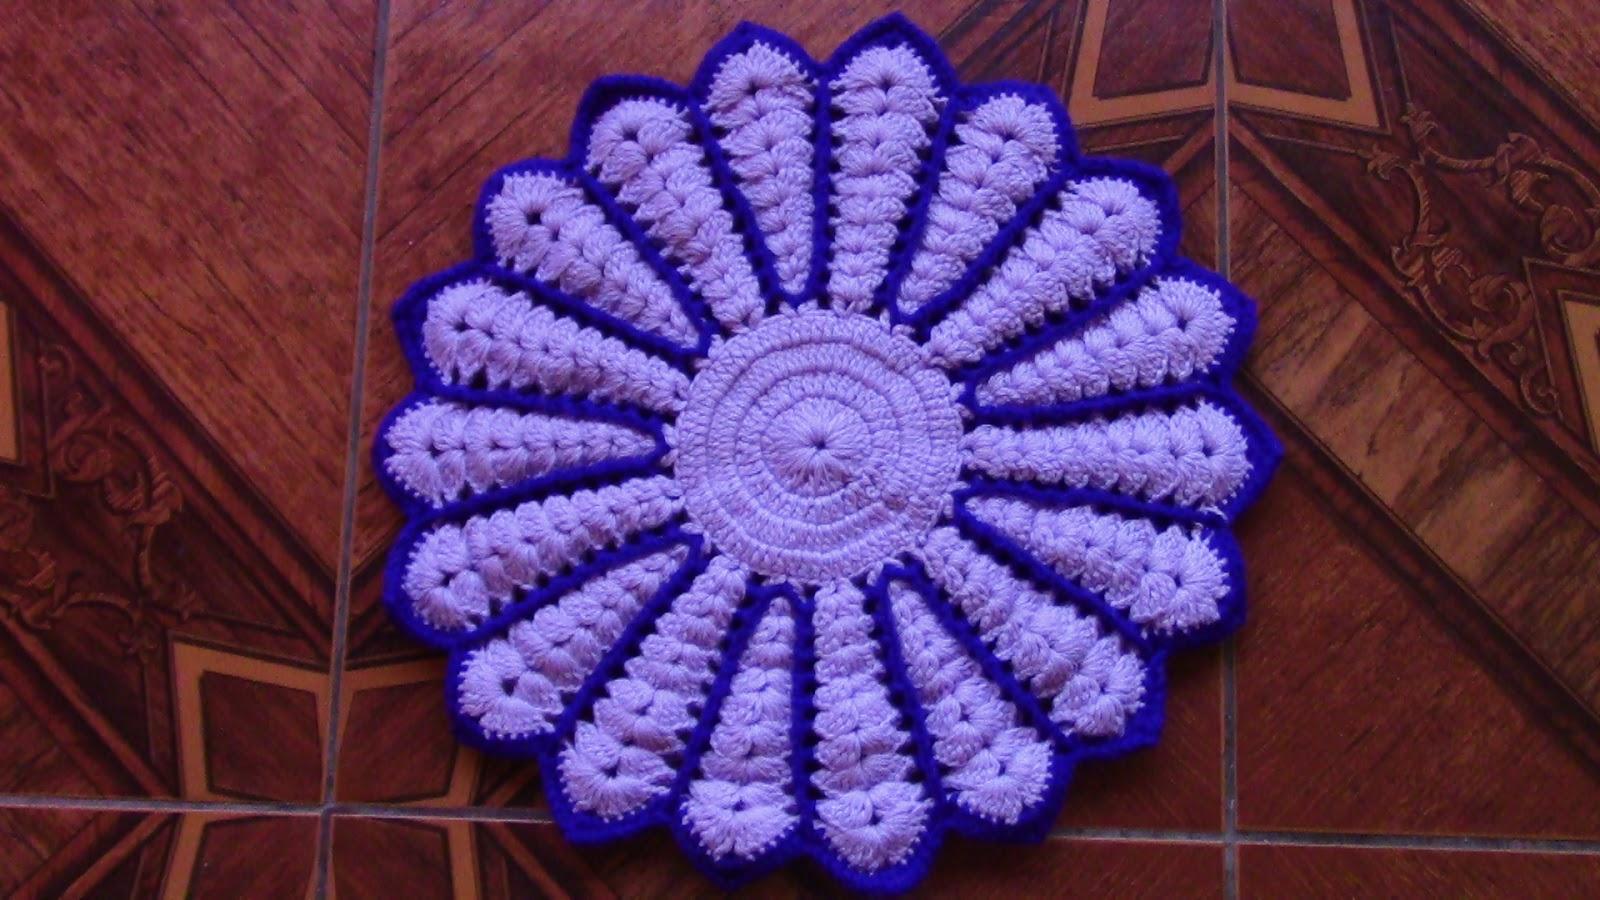 Tejidos olga huaman tapetes tejidos a crochet para sillas - Tejidos para tapizar sillas ...